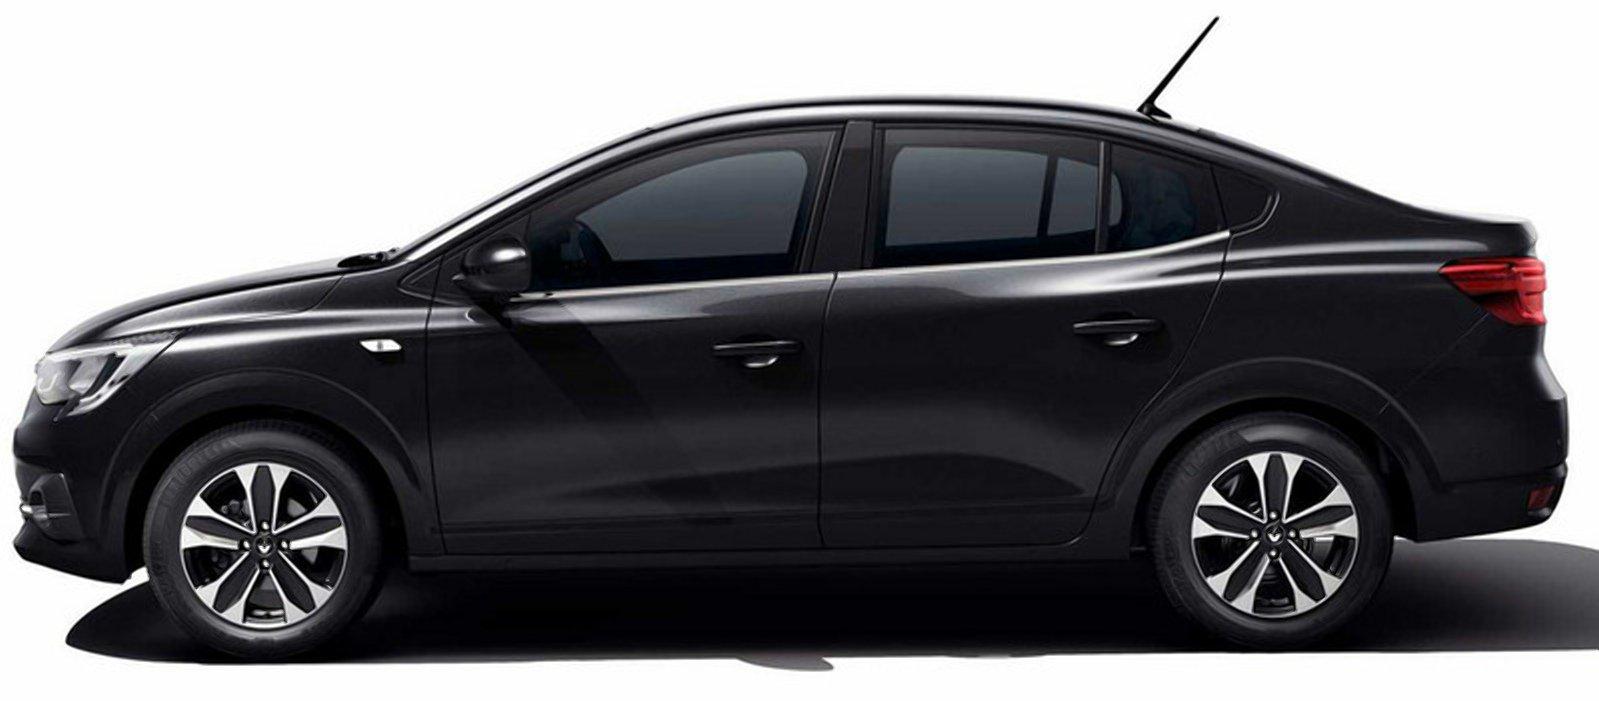 Renault показал новый бюджетный седан вместо Logan